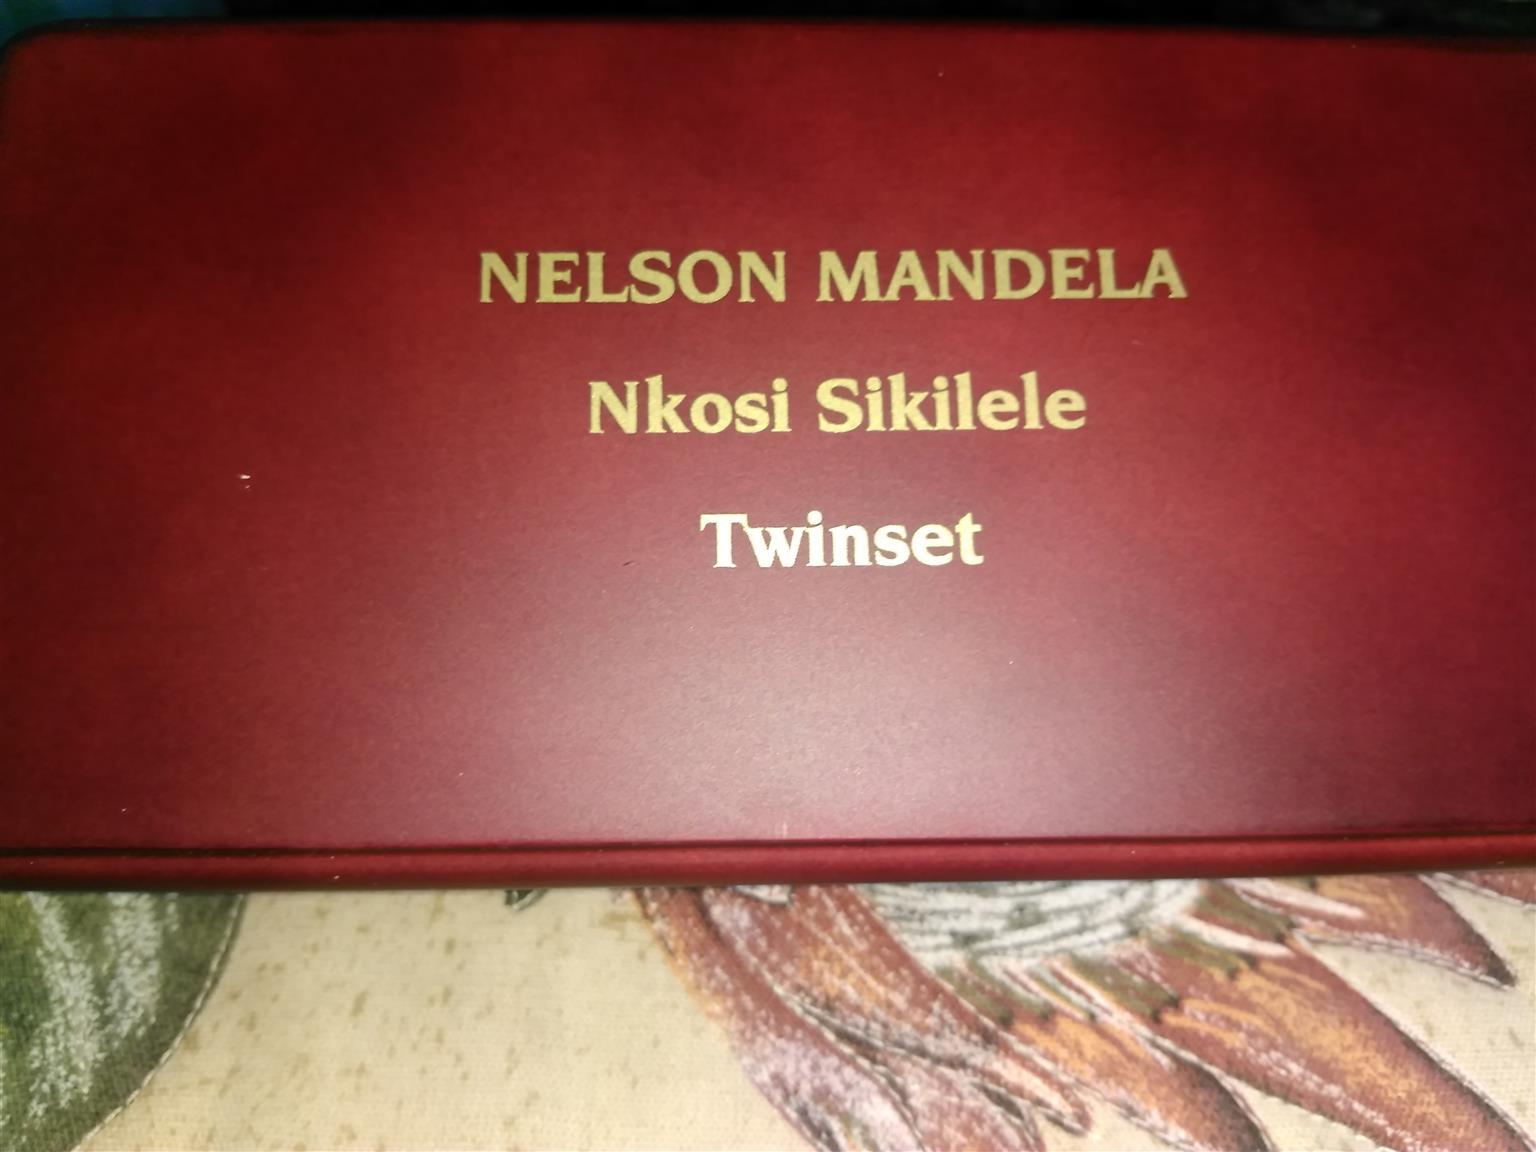 Nkozi Sikilele Twinset